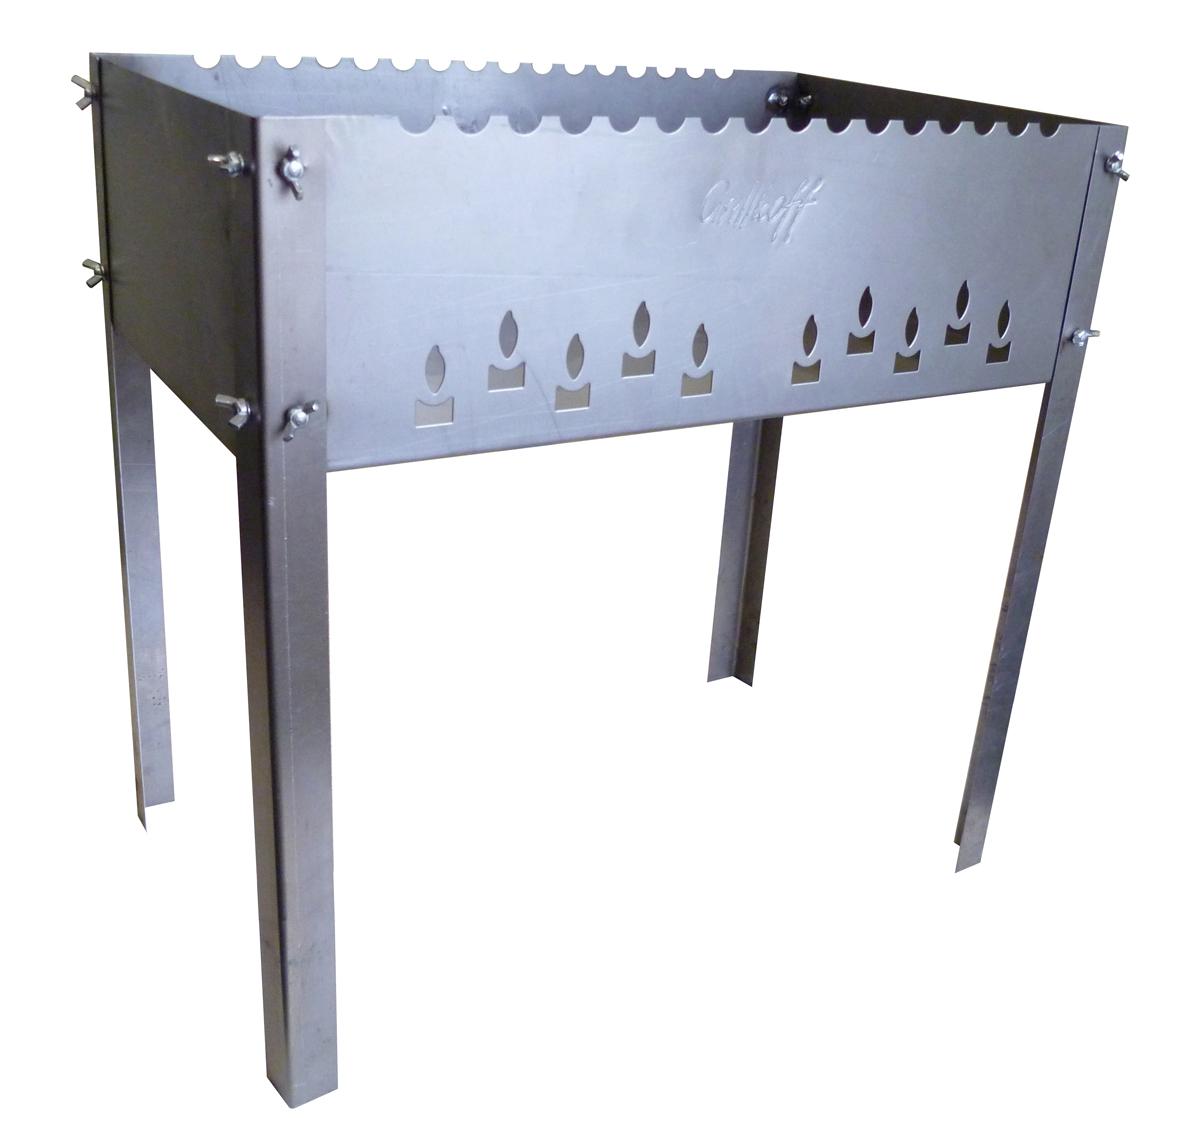 Мангал Grillkoff Max, с 6 шампурами, в сумке, 50 х 30 х 50 см249Мангал Grillkoff Max выполнен из высококачественной стали. С барашками, с волной. Мангал без усилий собирается для применения. Конструкция позволяет с комфортом готовить на мангале. В комплекте 6 шампуров, выполненных из нержавеющей стали. Размер мангала (с учетом ножек): 50 х 30 х 50 см. Глубина мангала: 14,5 см. Толщина стали: 1,5 мм. Длина шампуров: 50 см. Толщина шампуров: 0,8 мм.